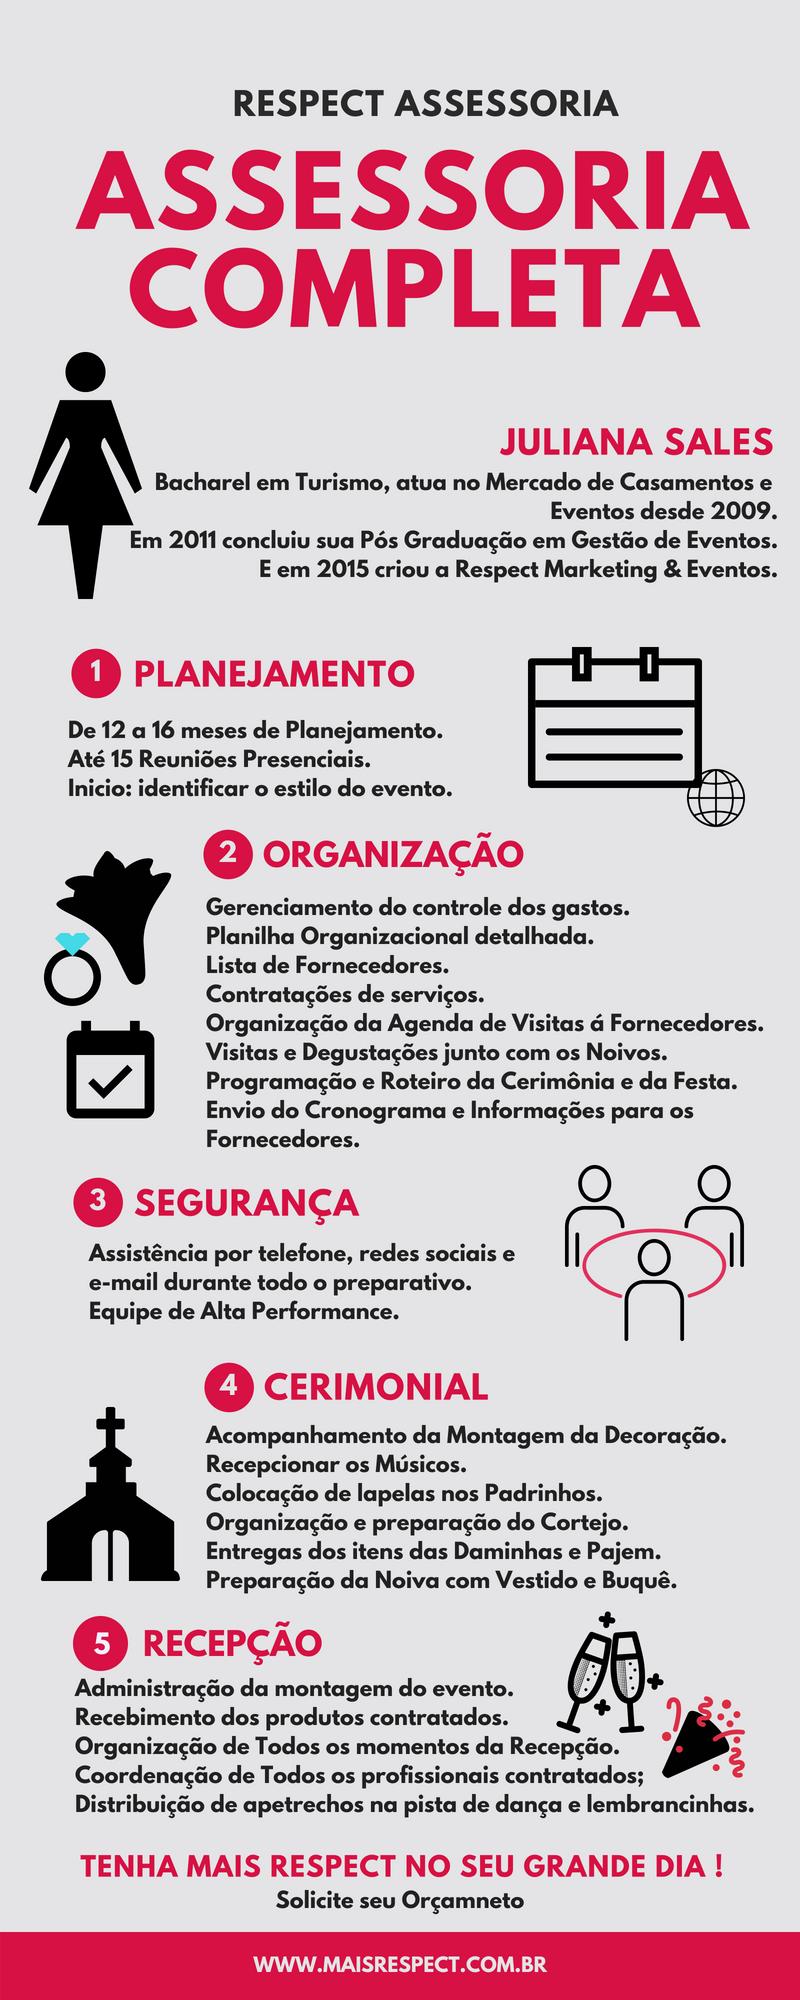 Respect Assessoria Completa Infográfico